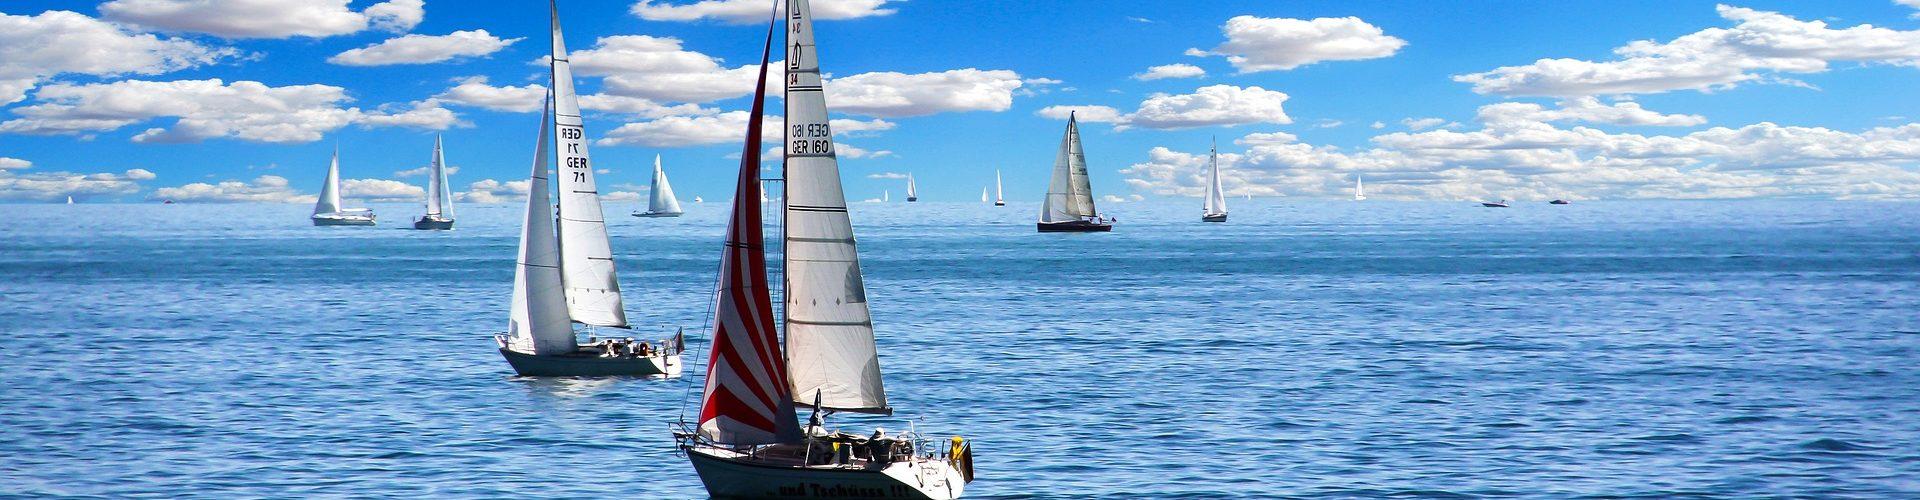 segeln lernen in Xanten segelschein machen in Xanten 1920x500 - Segeln lernen in Xanten